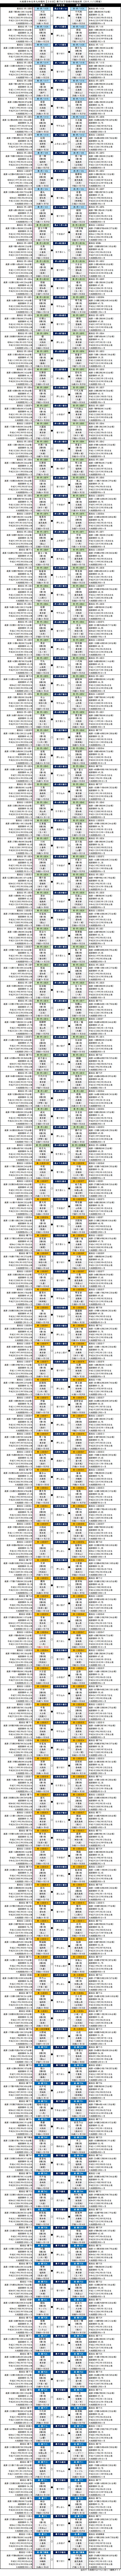 大相撲・2019年11月場所3日目・幕下以下の取組結果